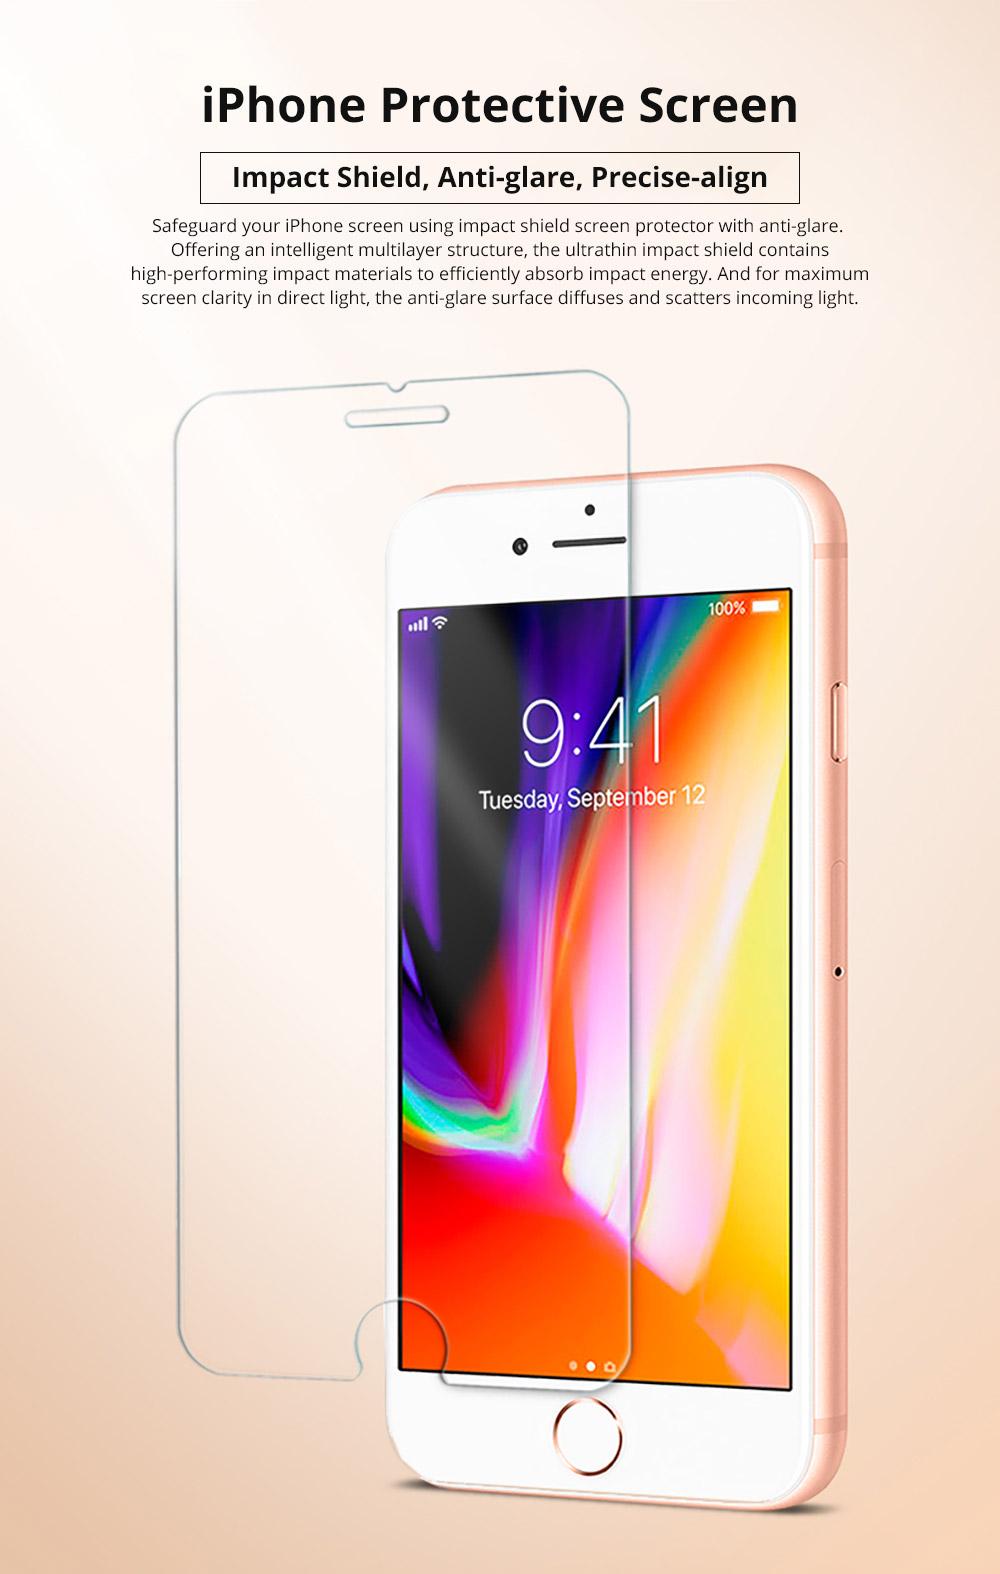 Impact Shield, Anti-glare, Precise-align iPhone Protective Screen